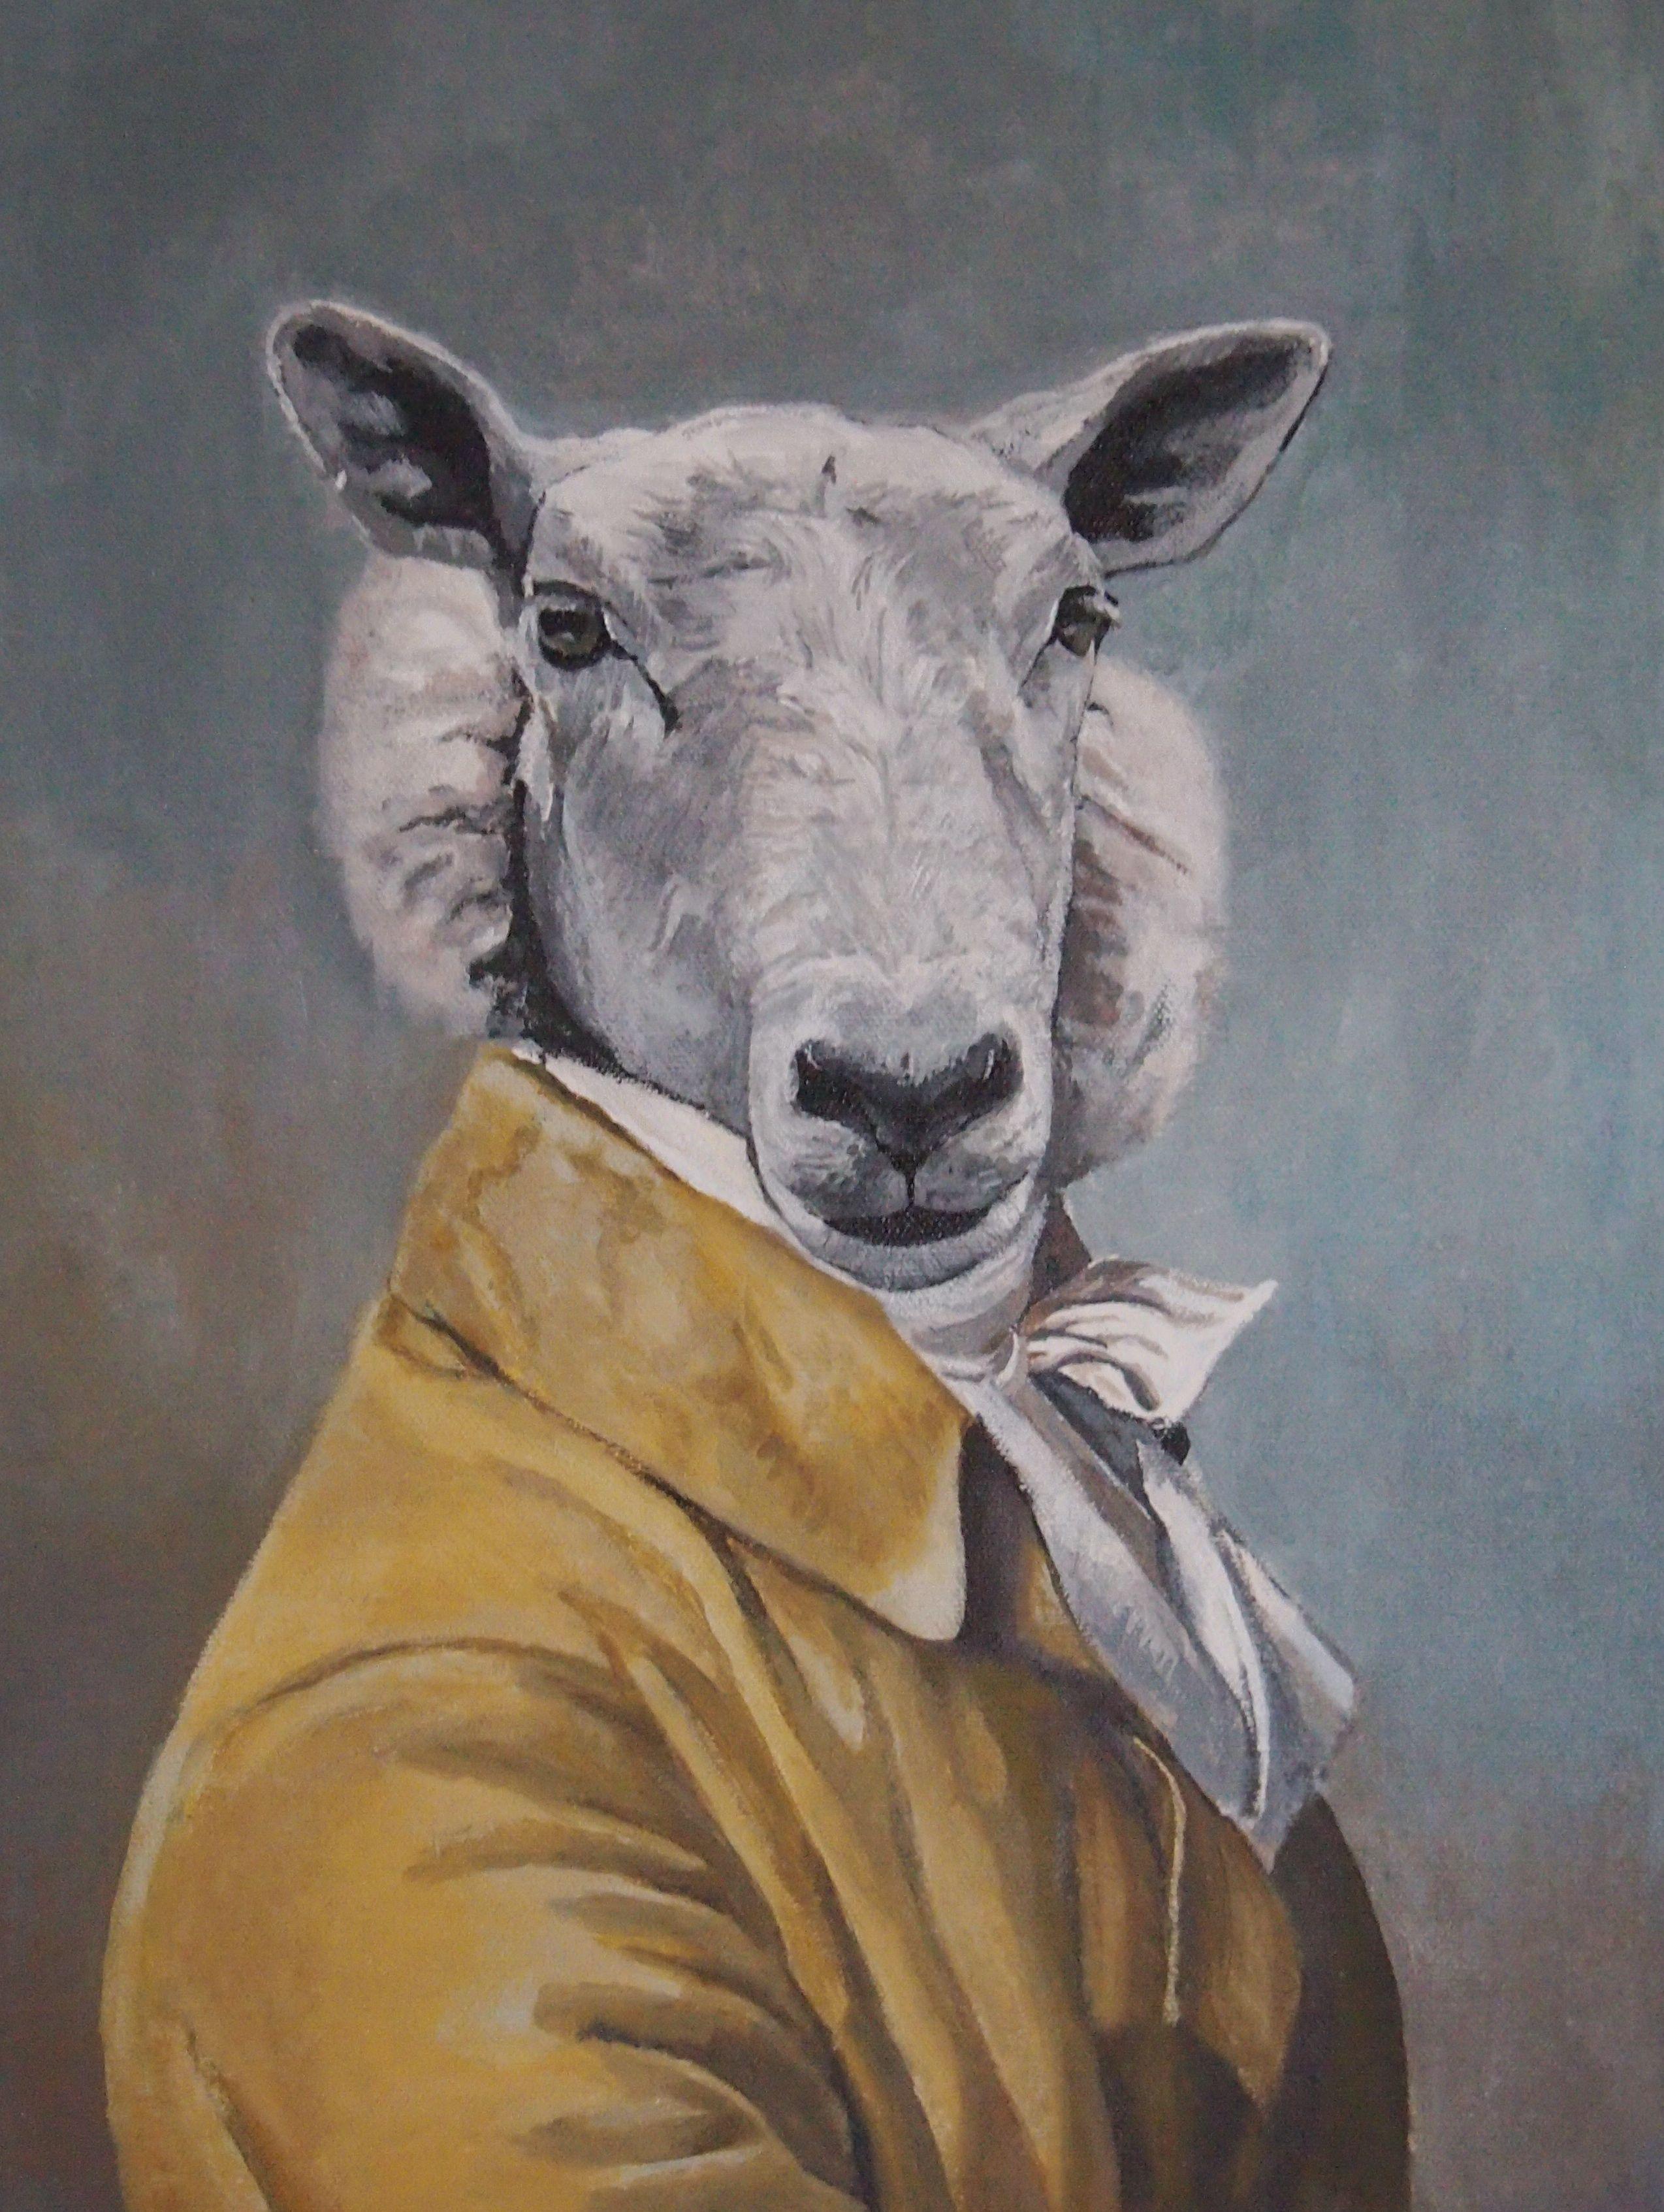 tableau portrait animalier animal humanisé peinture acrylique sur toile | Mouton dessin ...